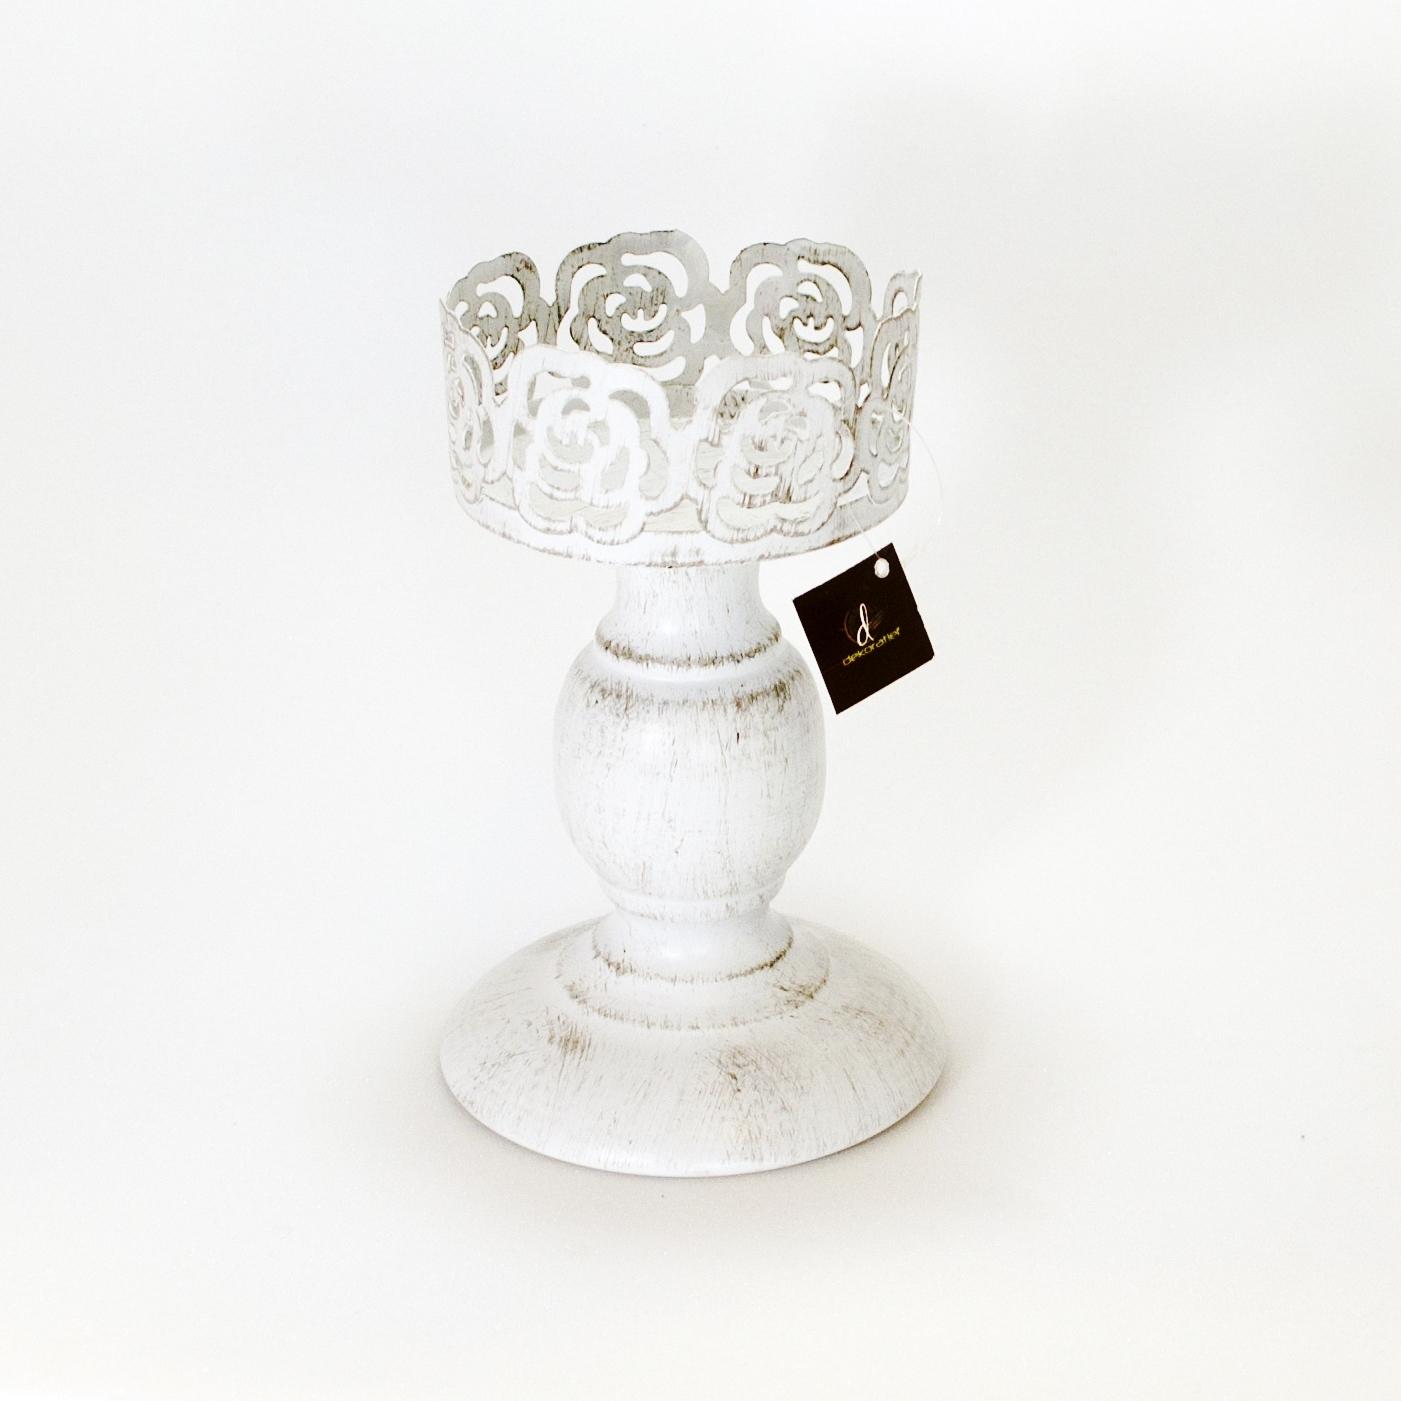 Подсвечник средний без стекла (Мебель и предметы интерьера)Мебель и предметы интерьера<br>Металлический подсвечник на ножке без стекла10x10x16 см Производитель: Dekoratief, Бельгия<br>